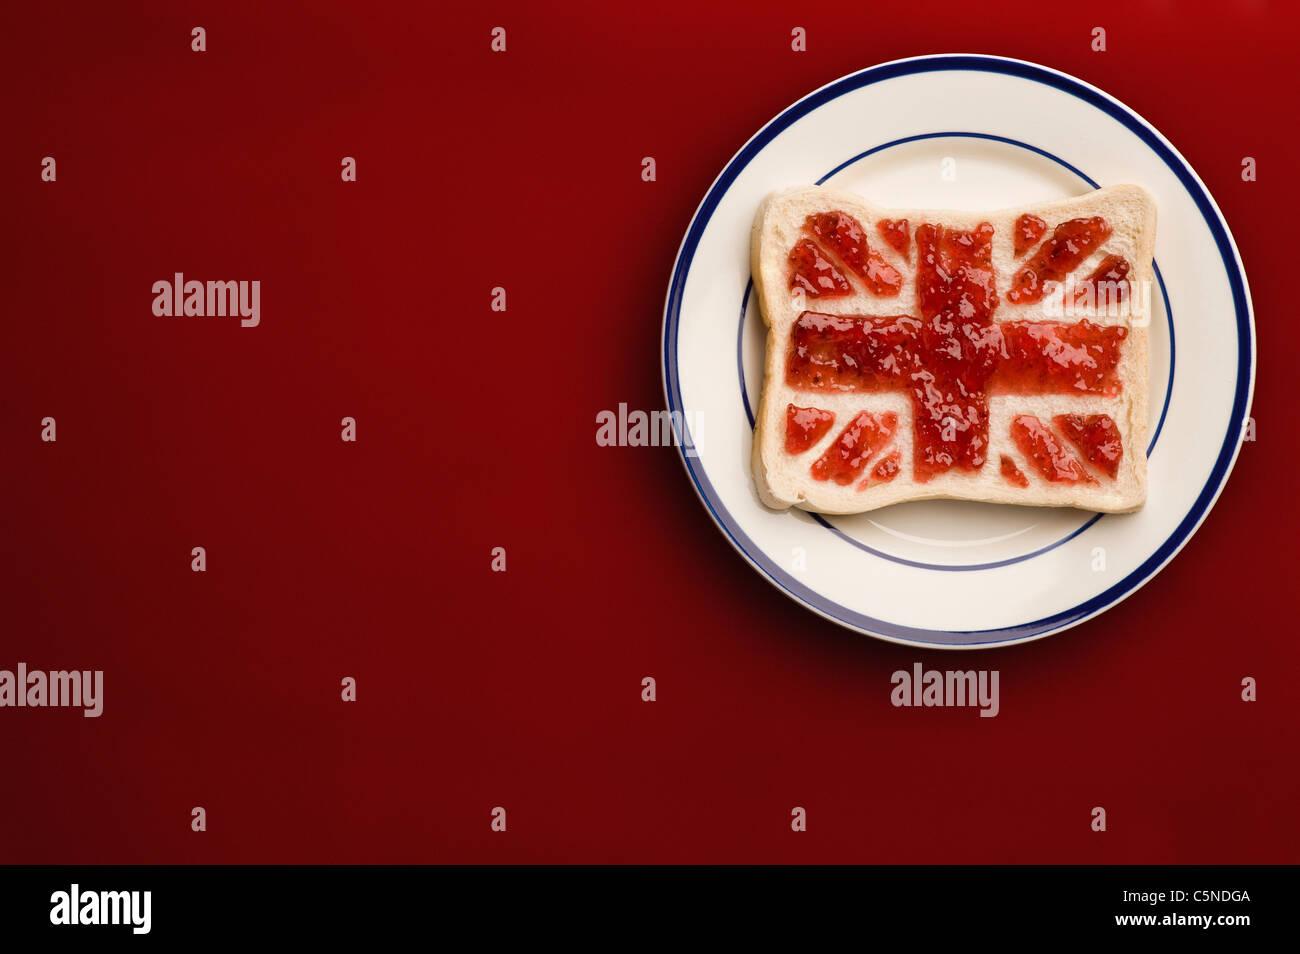 Uma fatia de pão com uma união jack pavilhão de congestionamento de morango Imagens de Stock